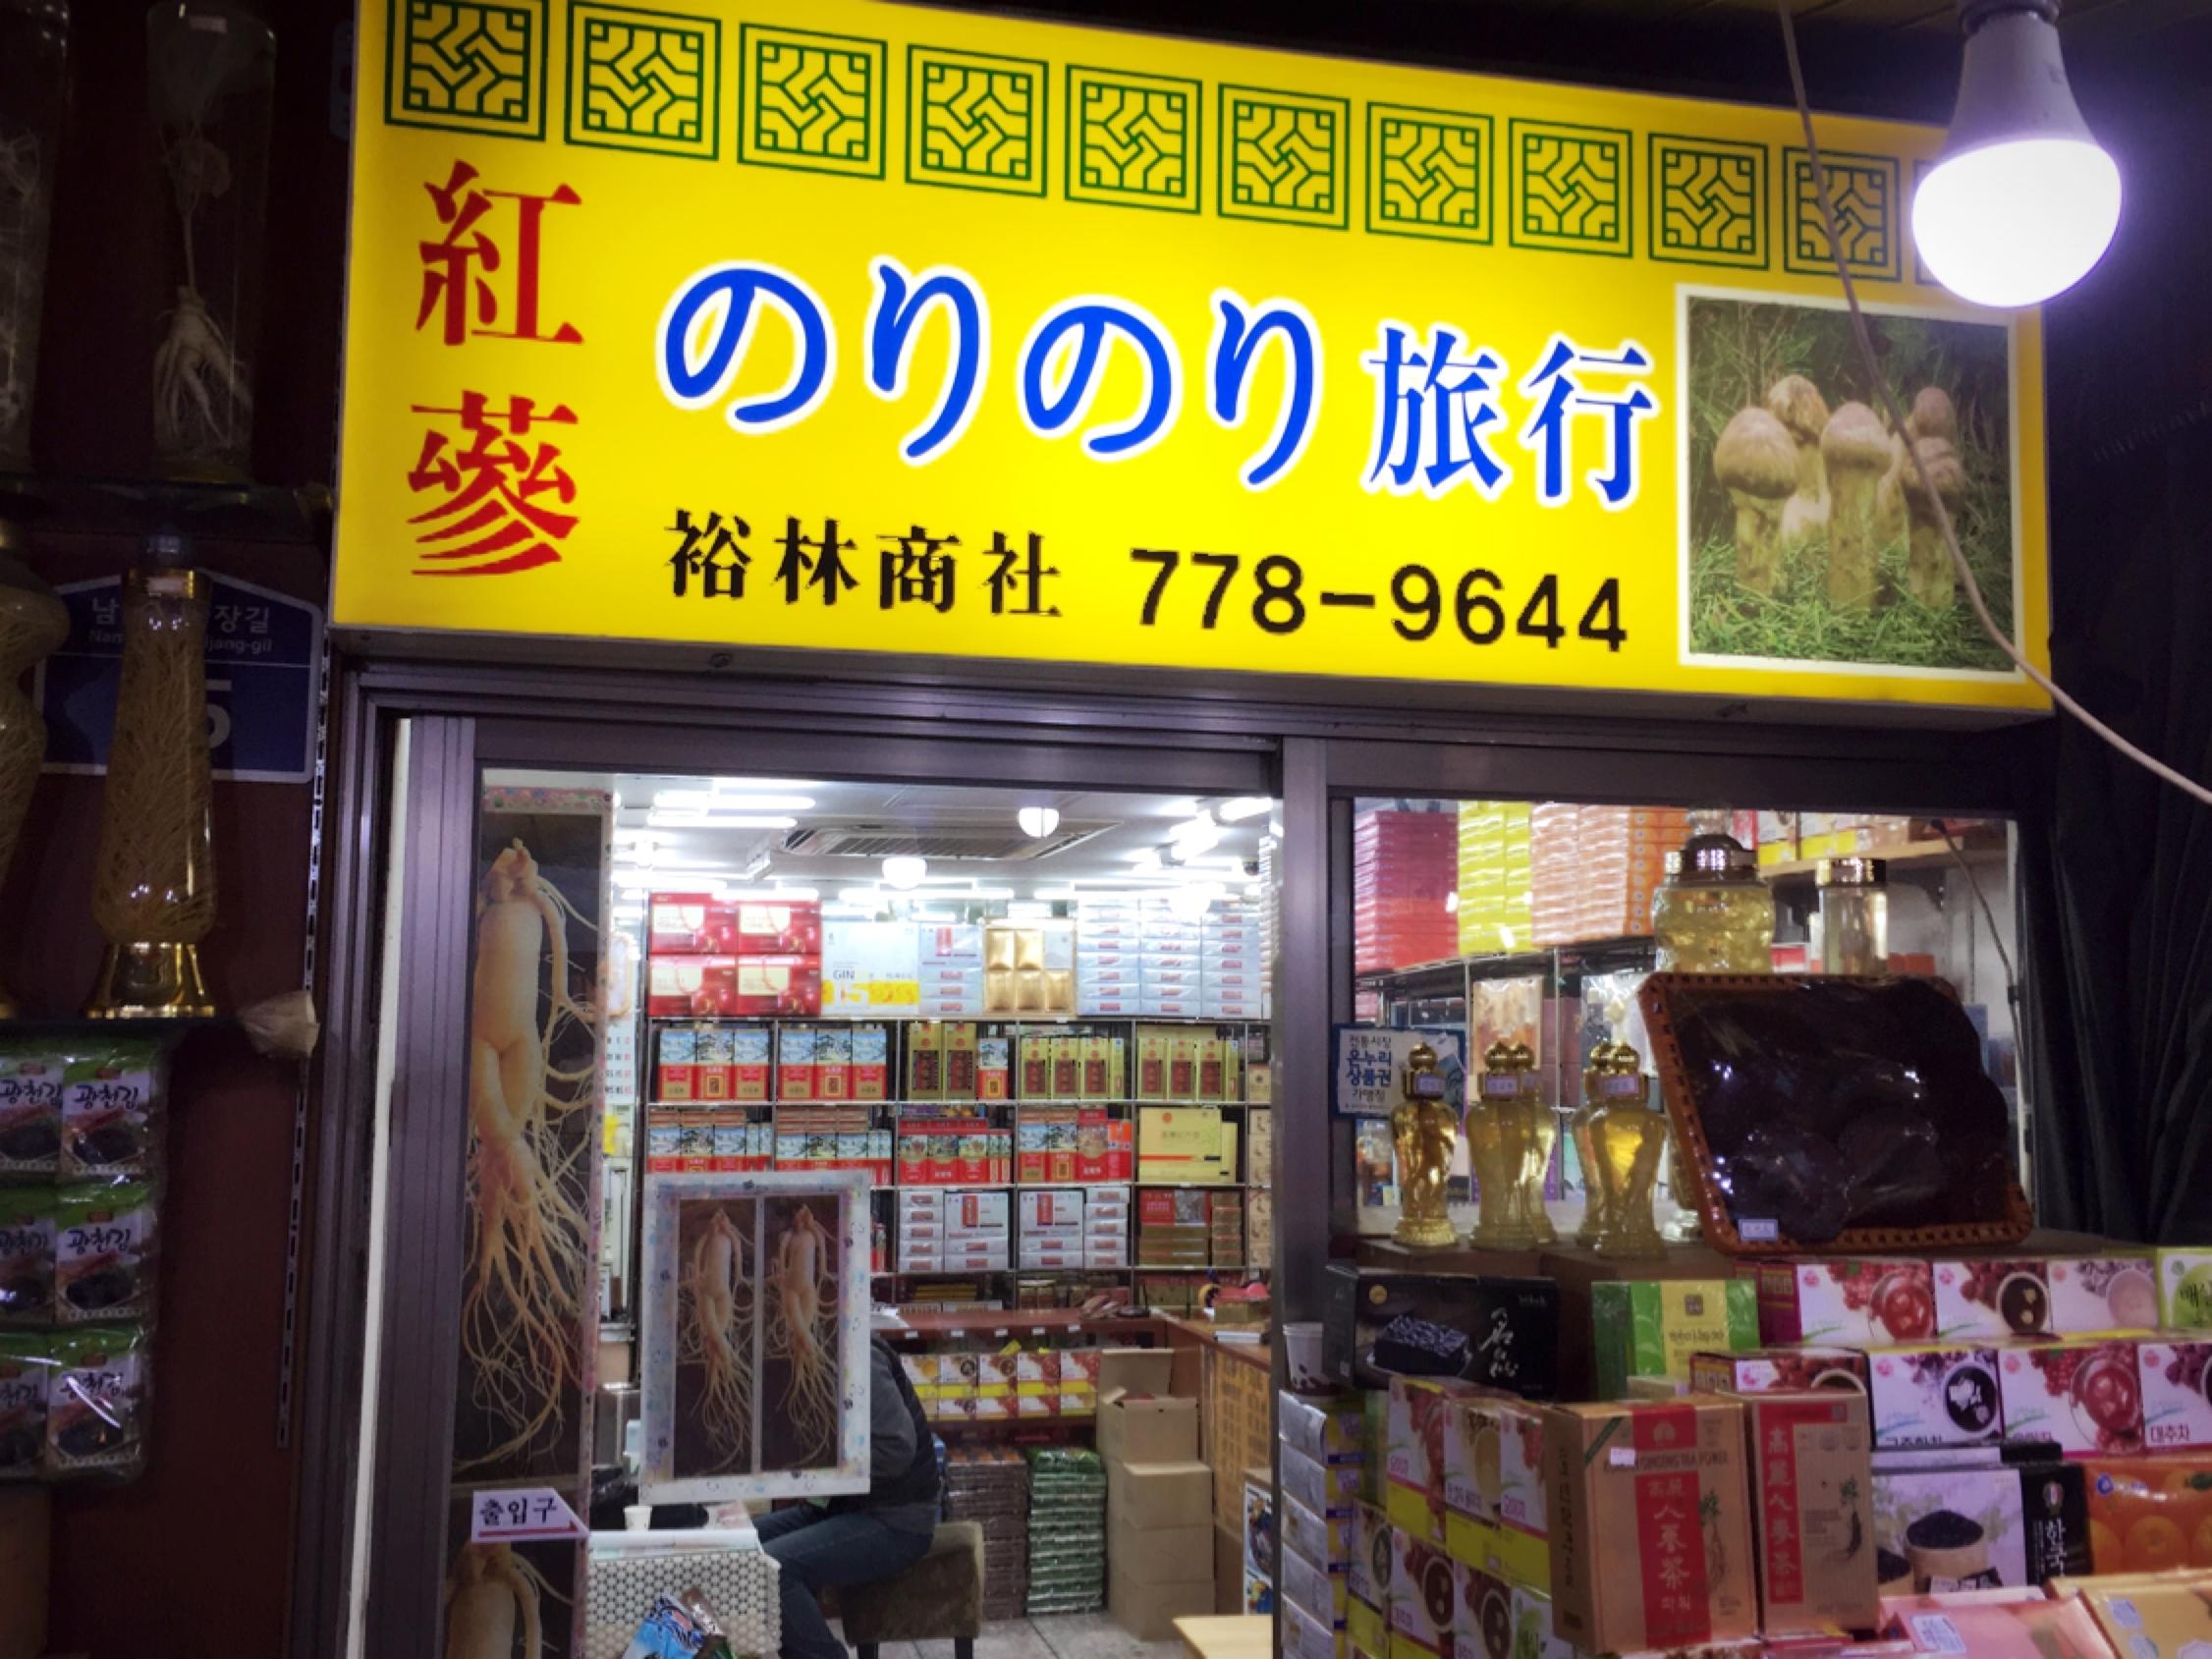 韓国のりを買うなら南大門市場の「のりのり旅行」